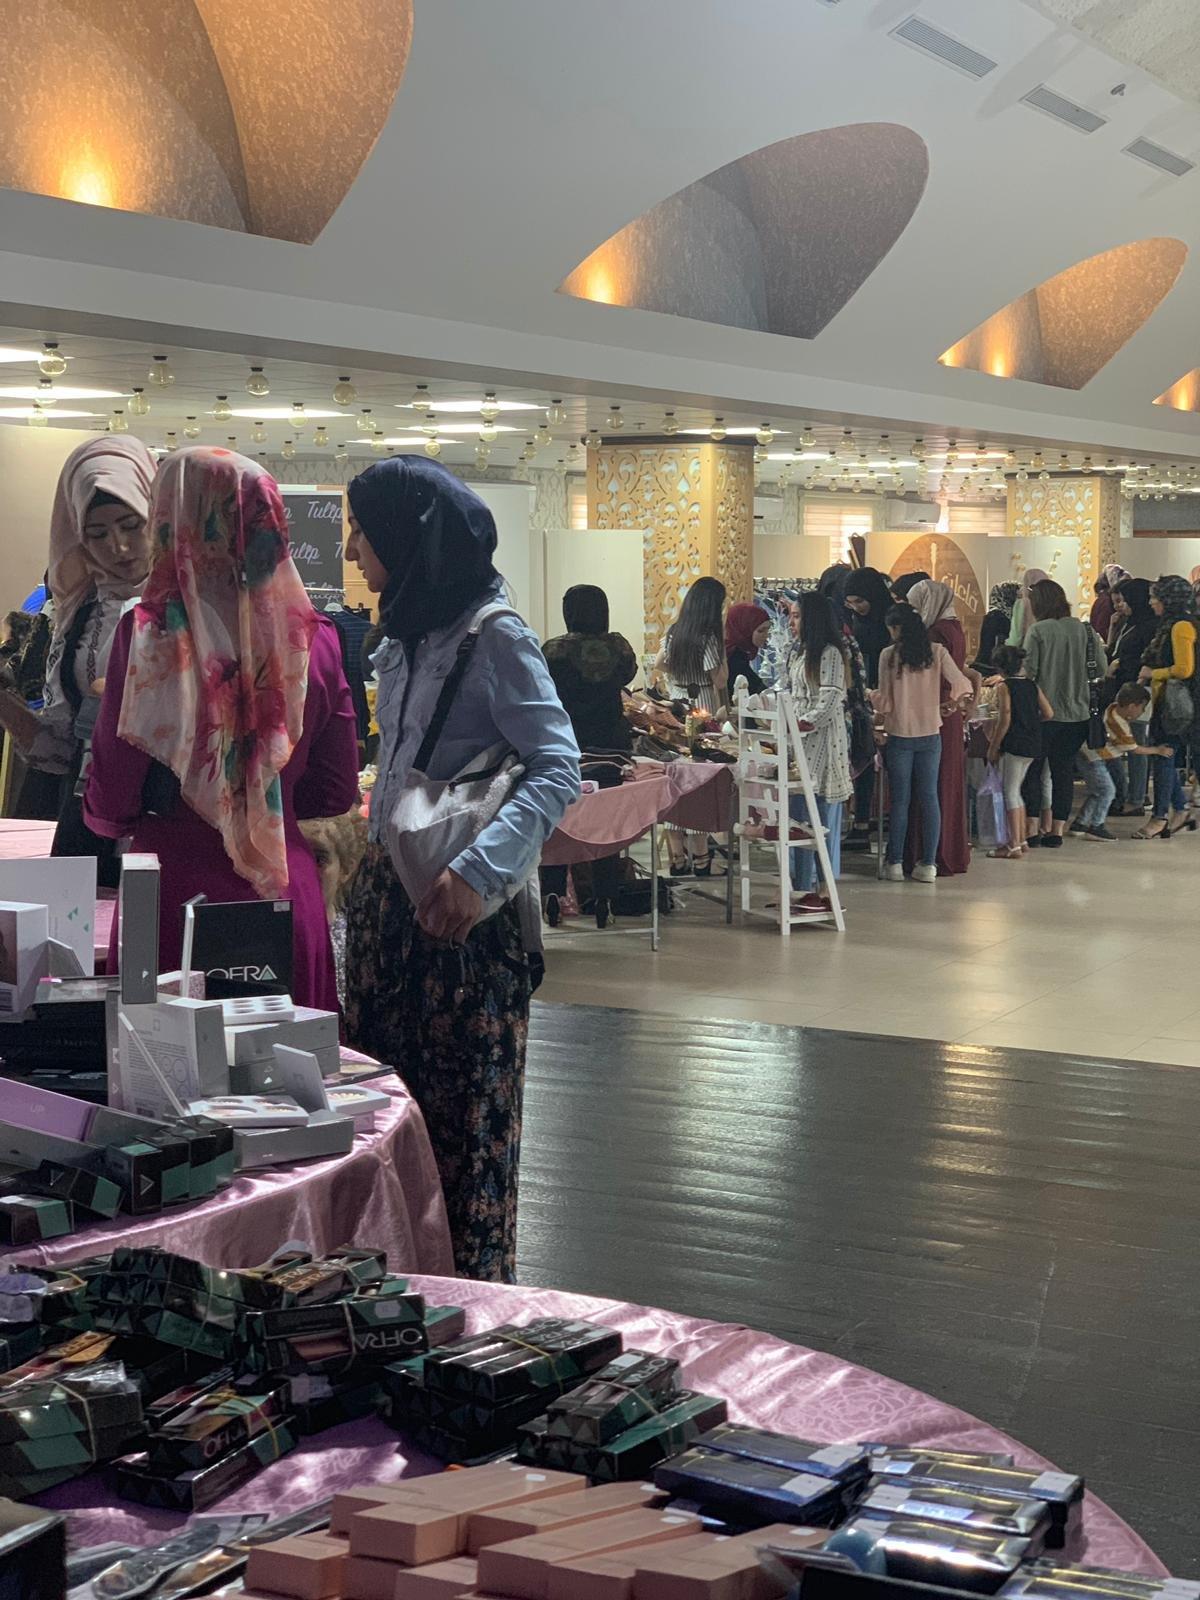 ام الفحم: تنظيم ازدهرت بمبادرة الناشطة الاجتماعية هبة شحادة لدعم للحياة بصمة